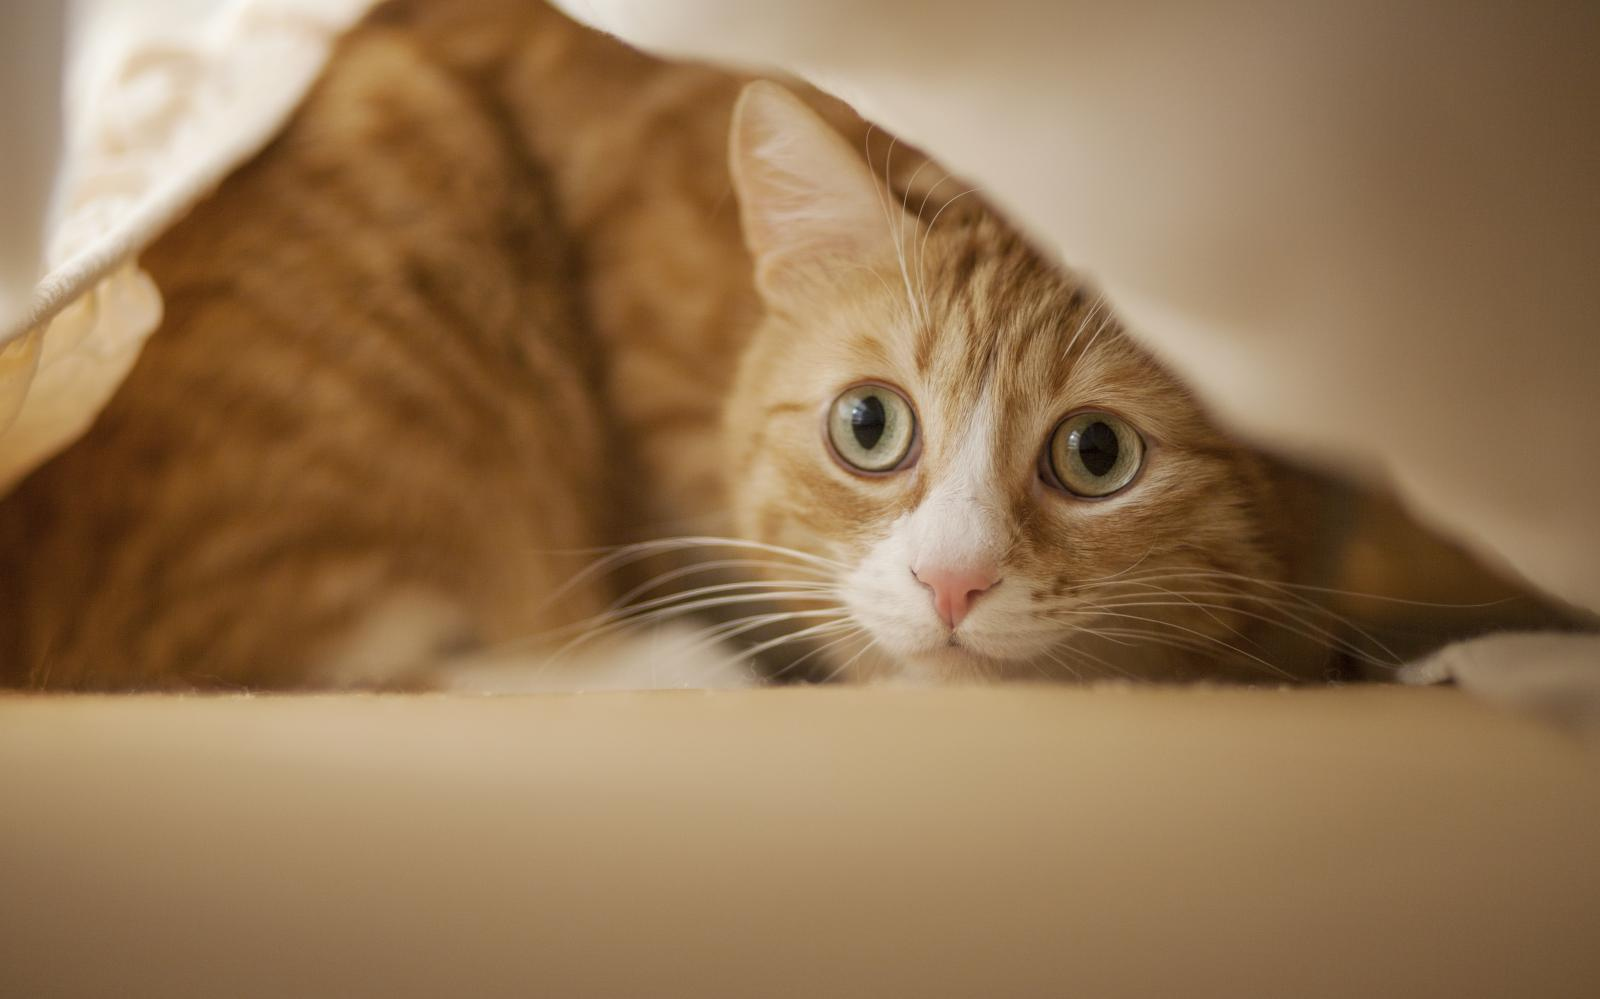 Pourquoi Mon Chat Me Reveille Il La Nuit Comprendre Son Chat Wamiz